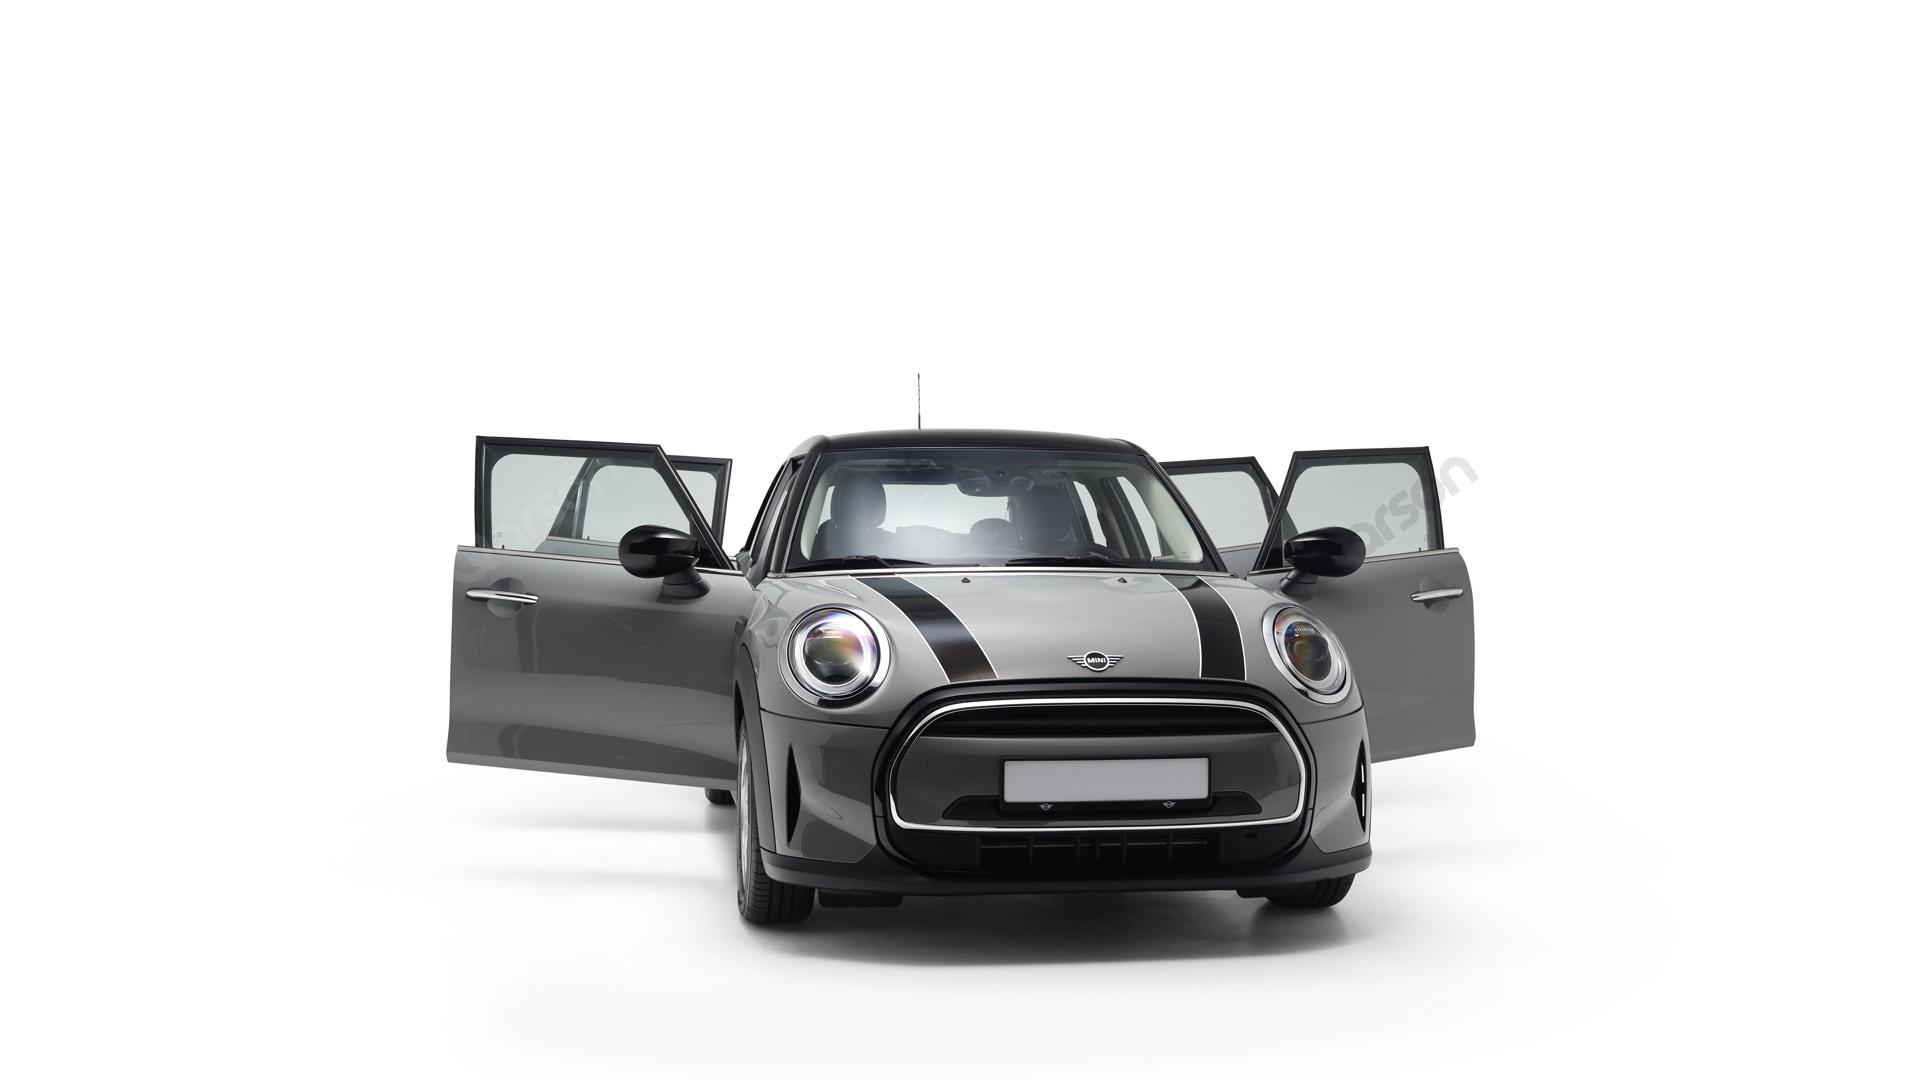 MINI MINI 5D Widok prawego przedniego boku auta z otwartymi drzwiami pod kątem 350 stopni